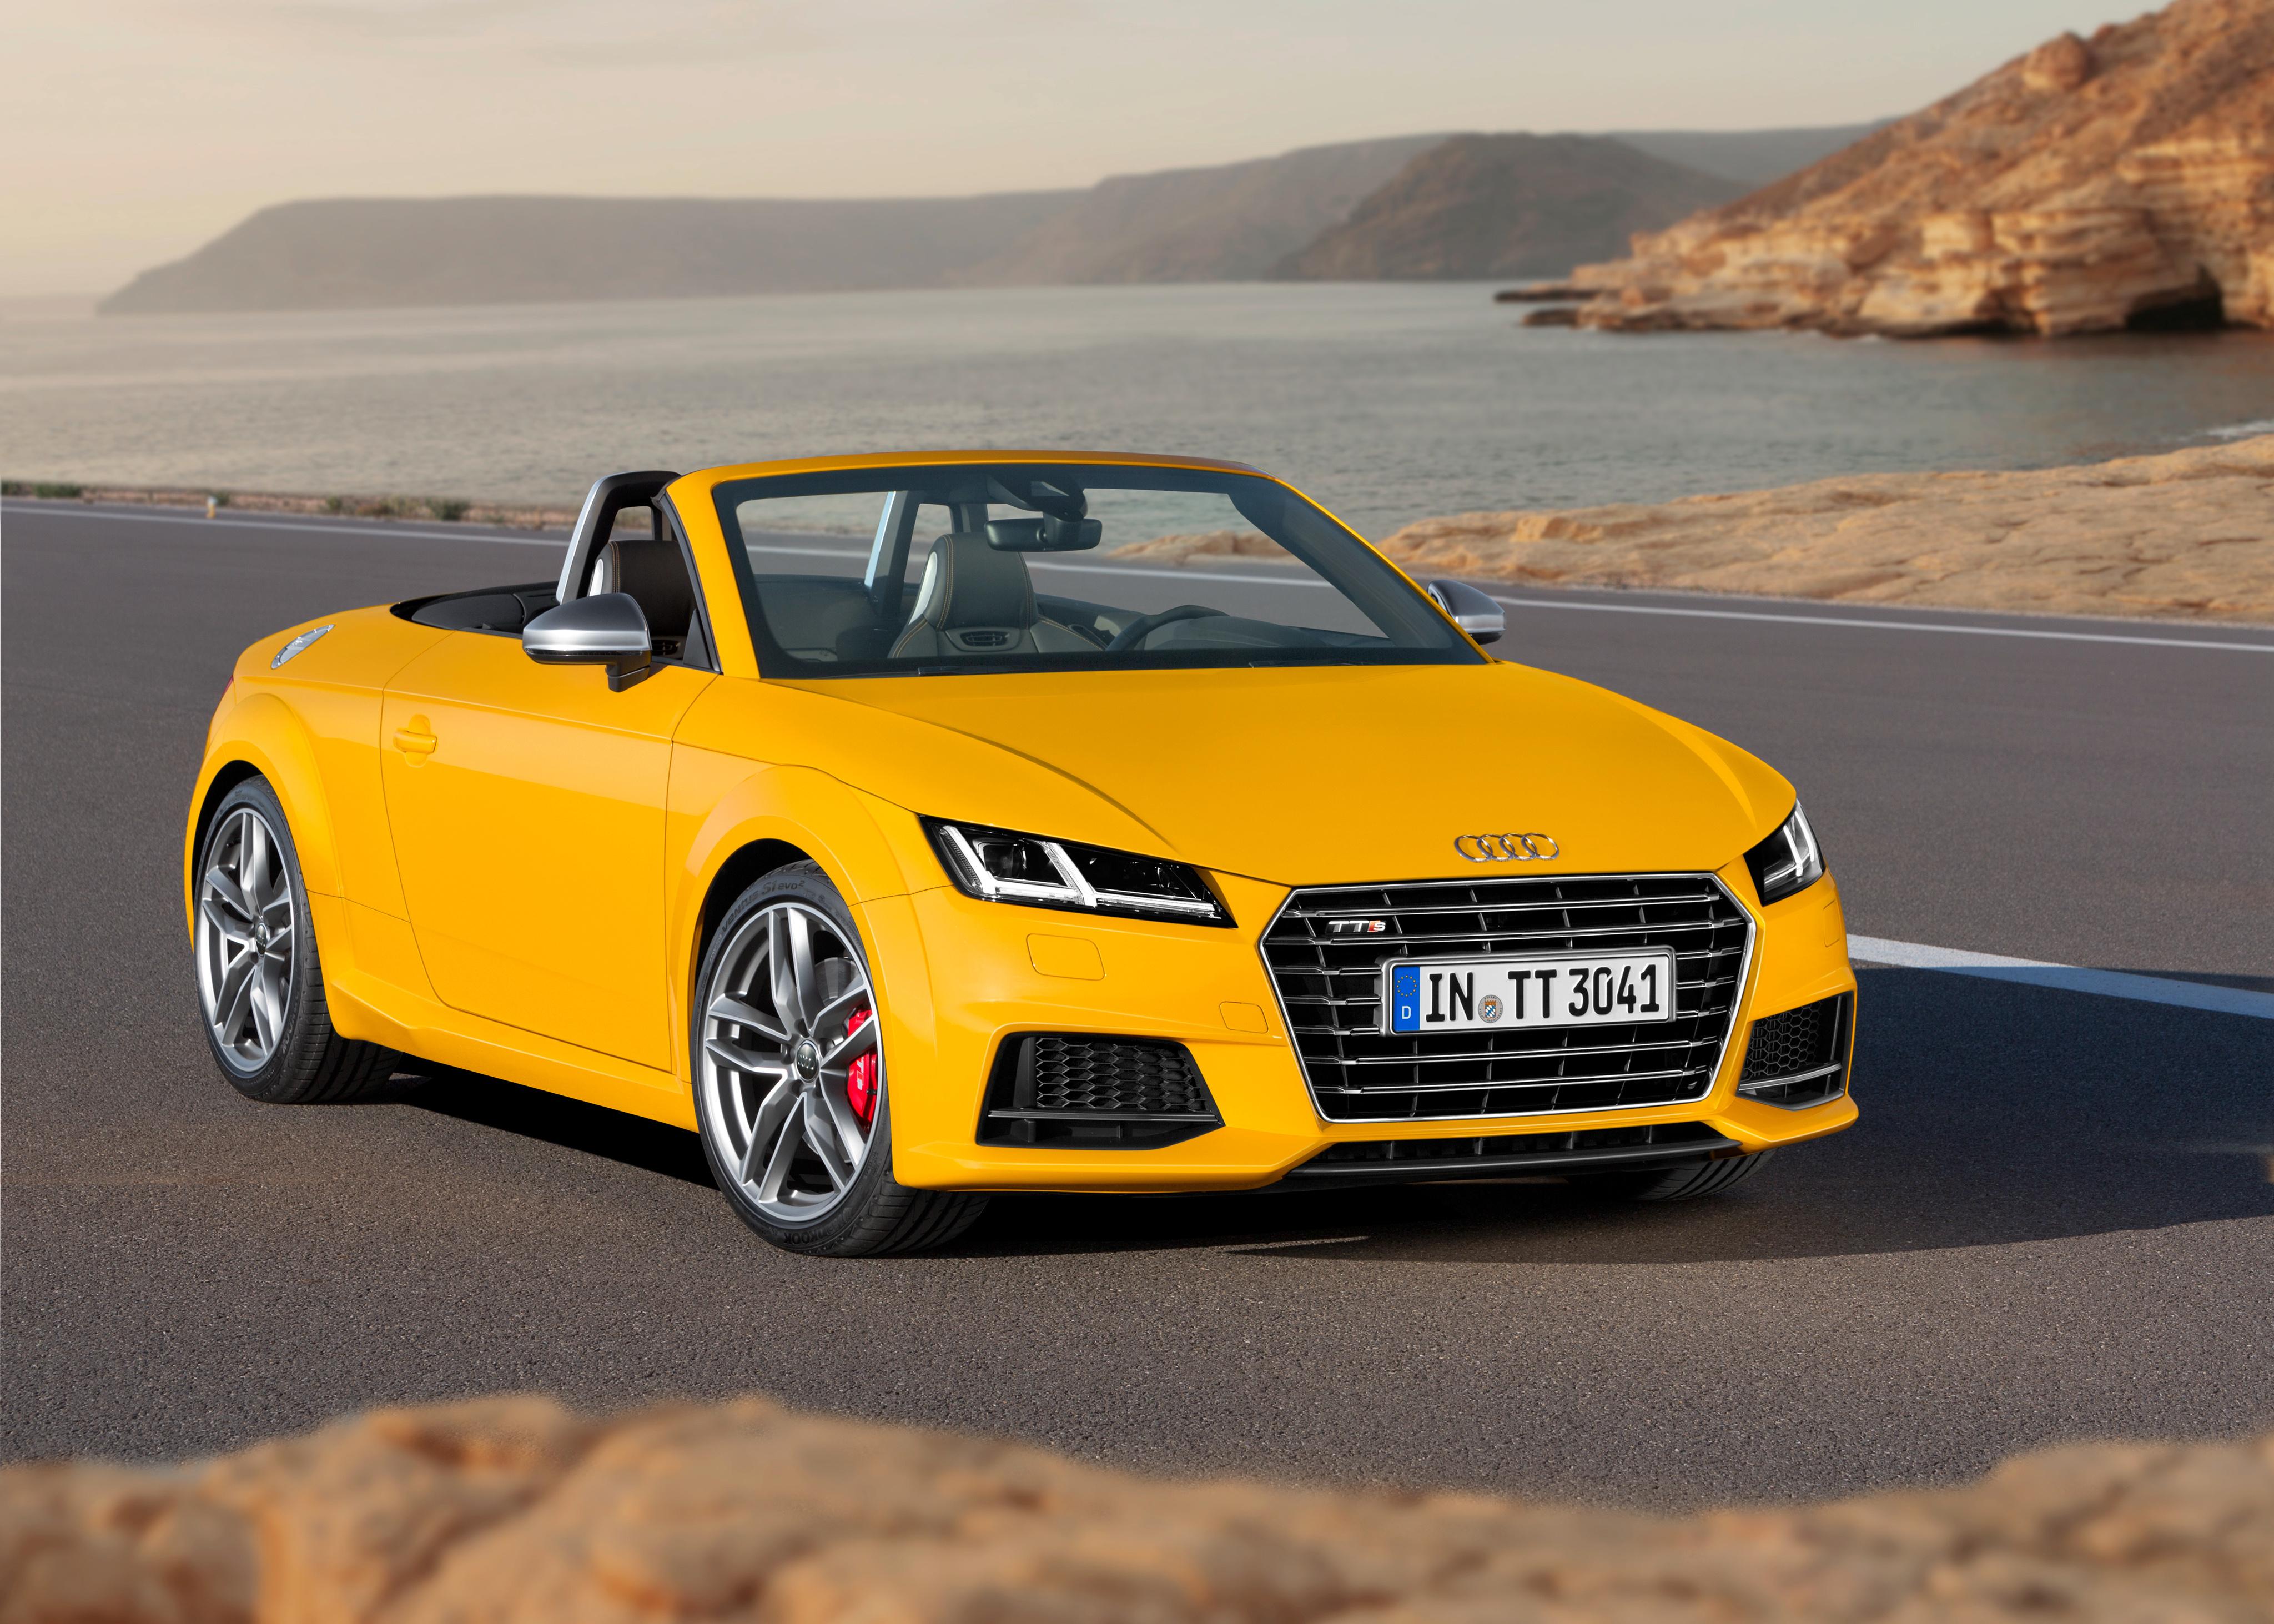 129688 descargar fondo de pantalla Coches, Audi, Tts, Tt, Coche De Turismo, Roadster, 2014: protectores de pantalla e imágenes gratis